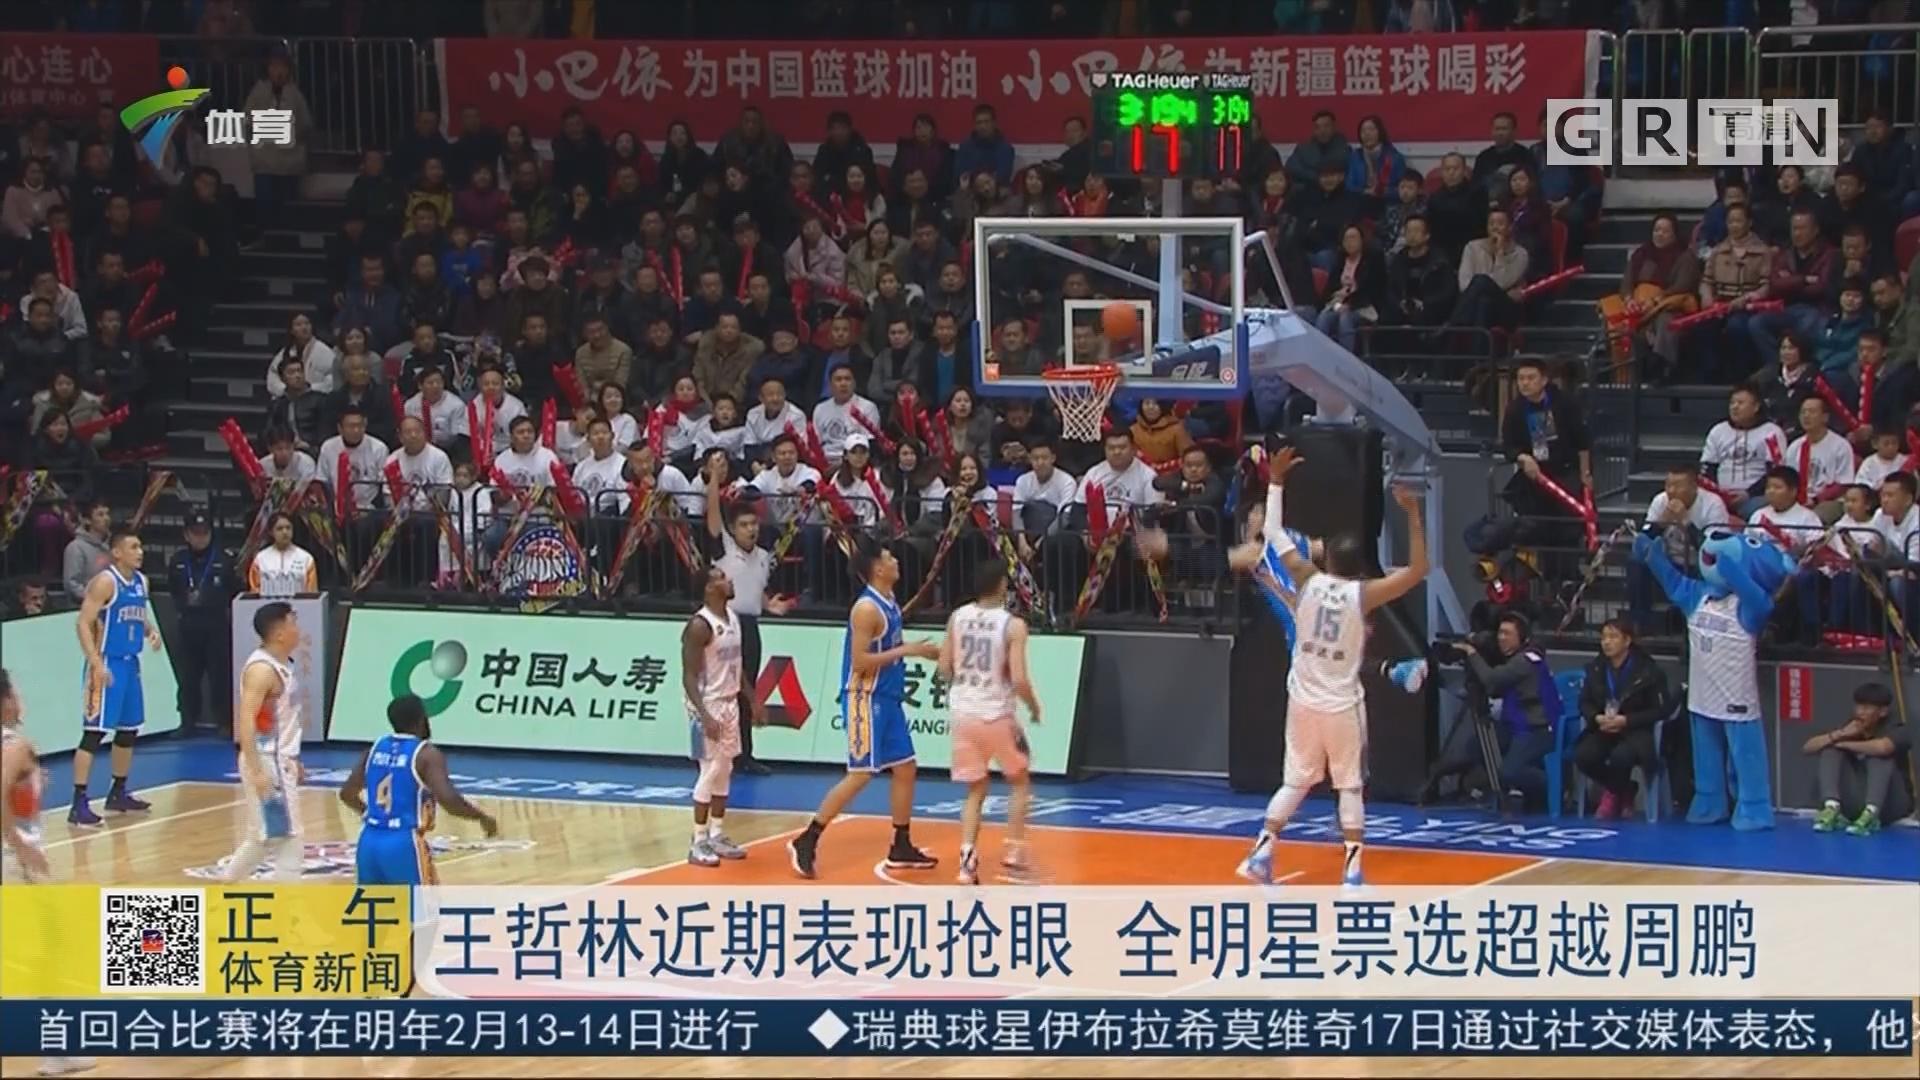 王哲林近期表现抢眼 全明星票选超越周鹏